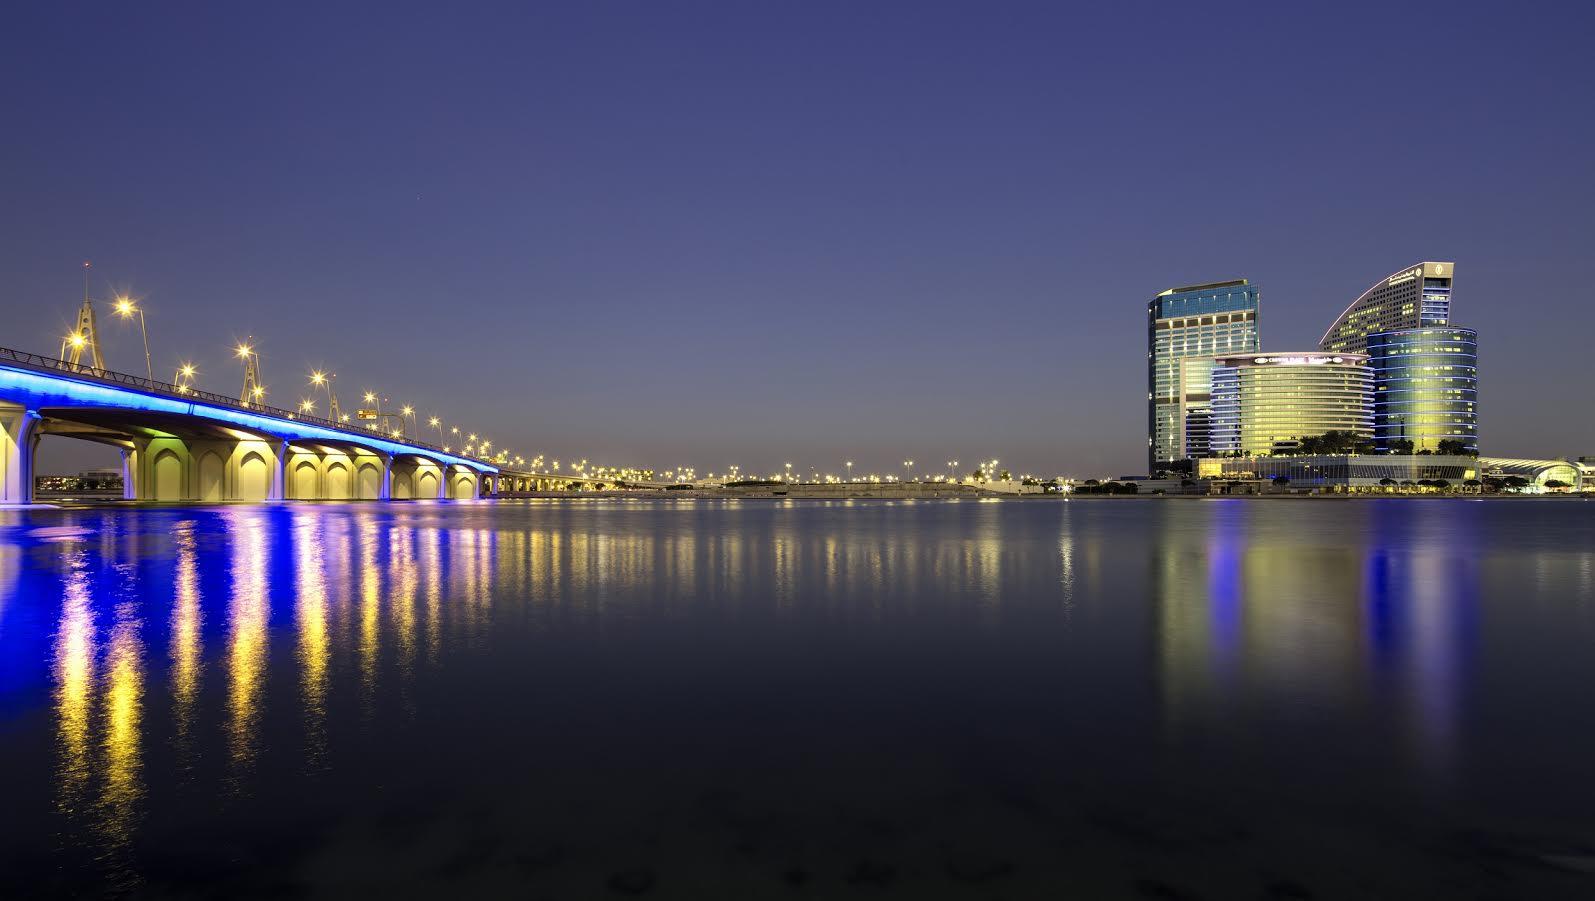 إنتركونتيننتال دبي فستيفال سيتي يقدم تجارب إفطار حصرية وخاصة